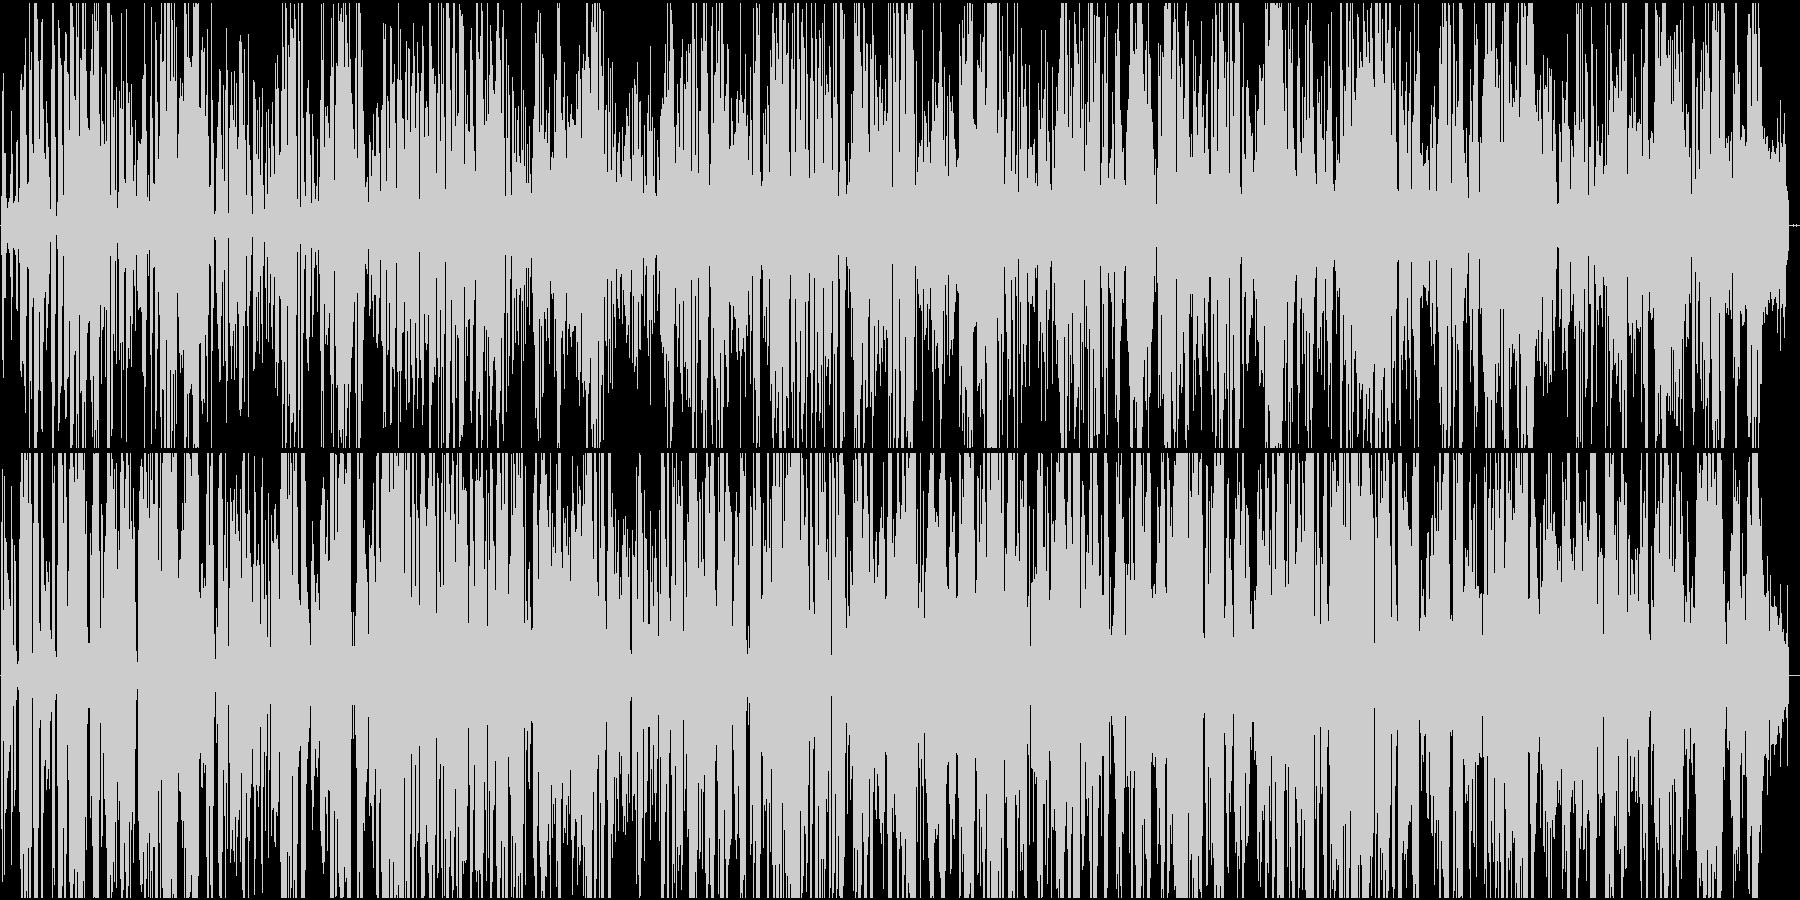 宇宙人が話をしている様なBGMですの未再生の波形